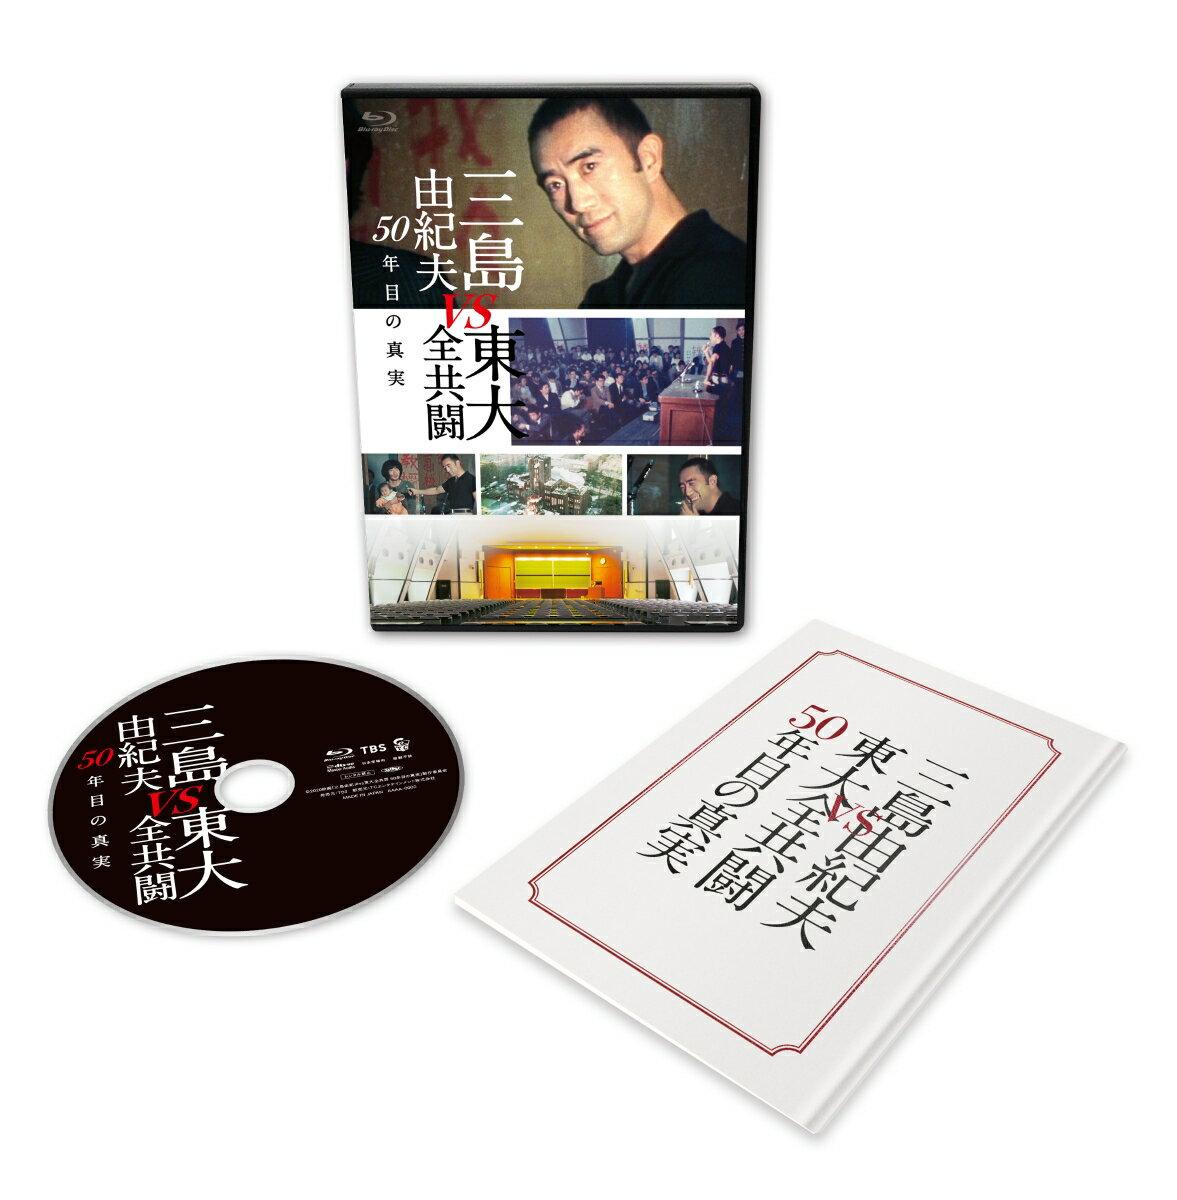 三島由紀夫vs東大全共闘 50年目の真実【Blu-ray】